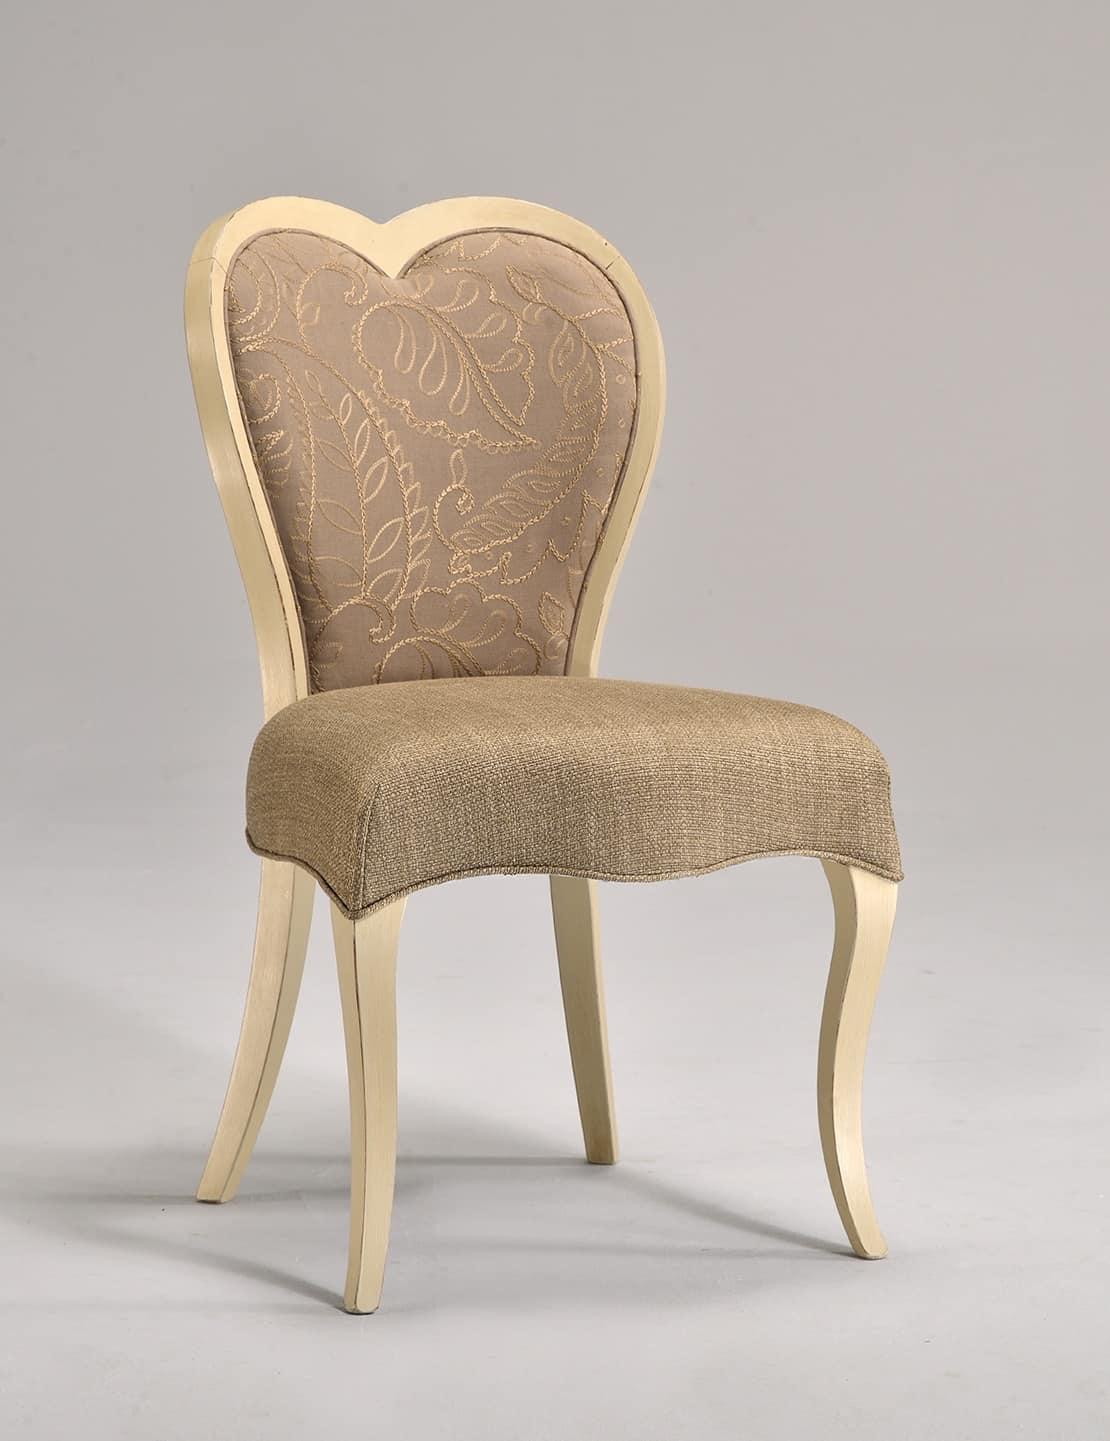 Classic Beech Chair Heart Shaped Backrest Idfdesign